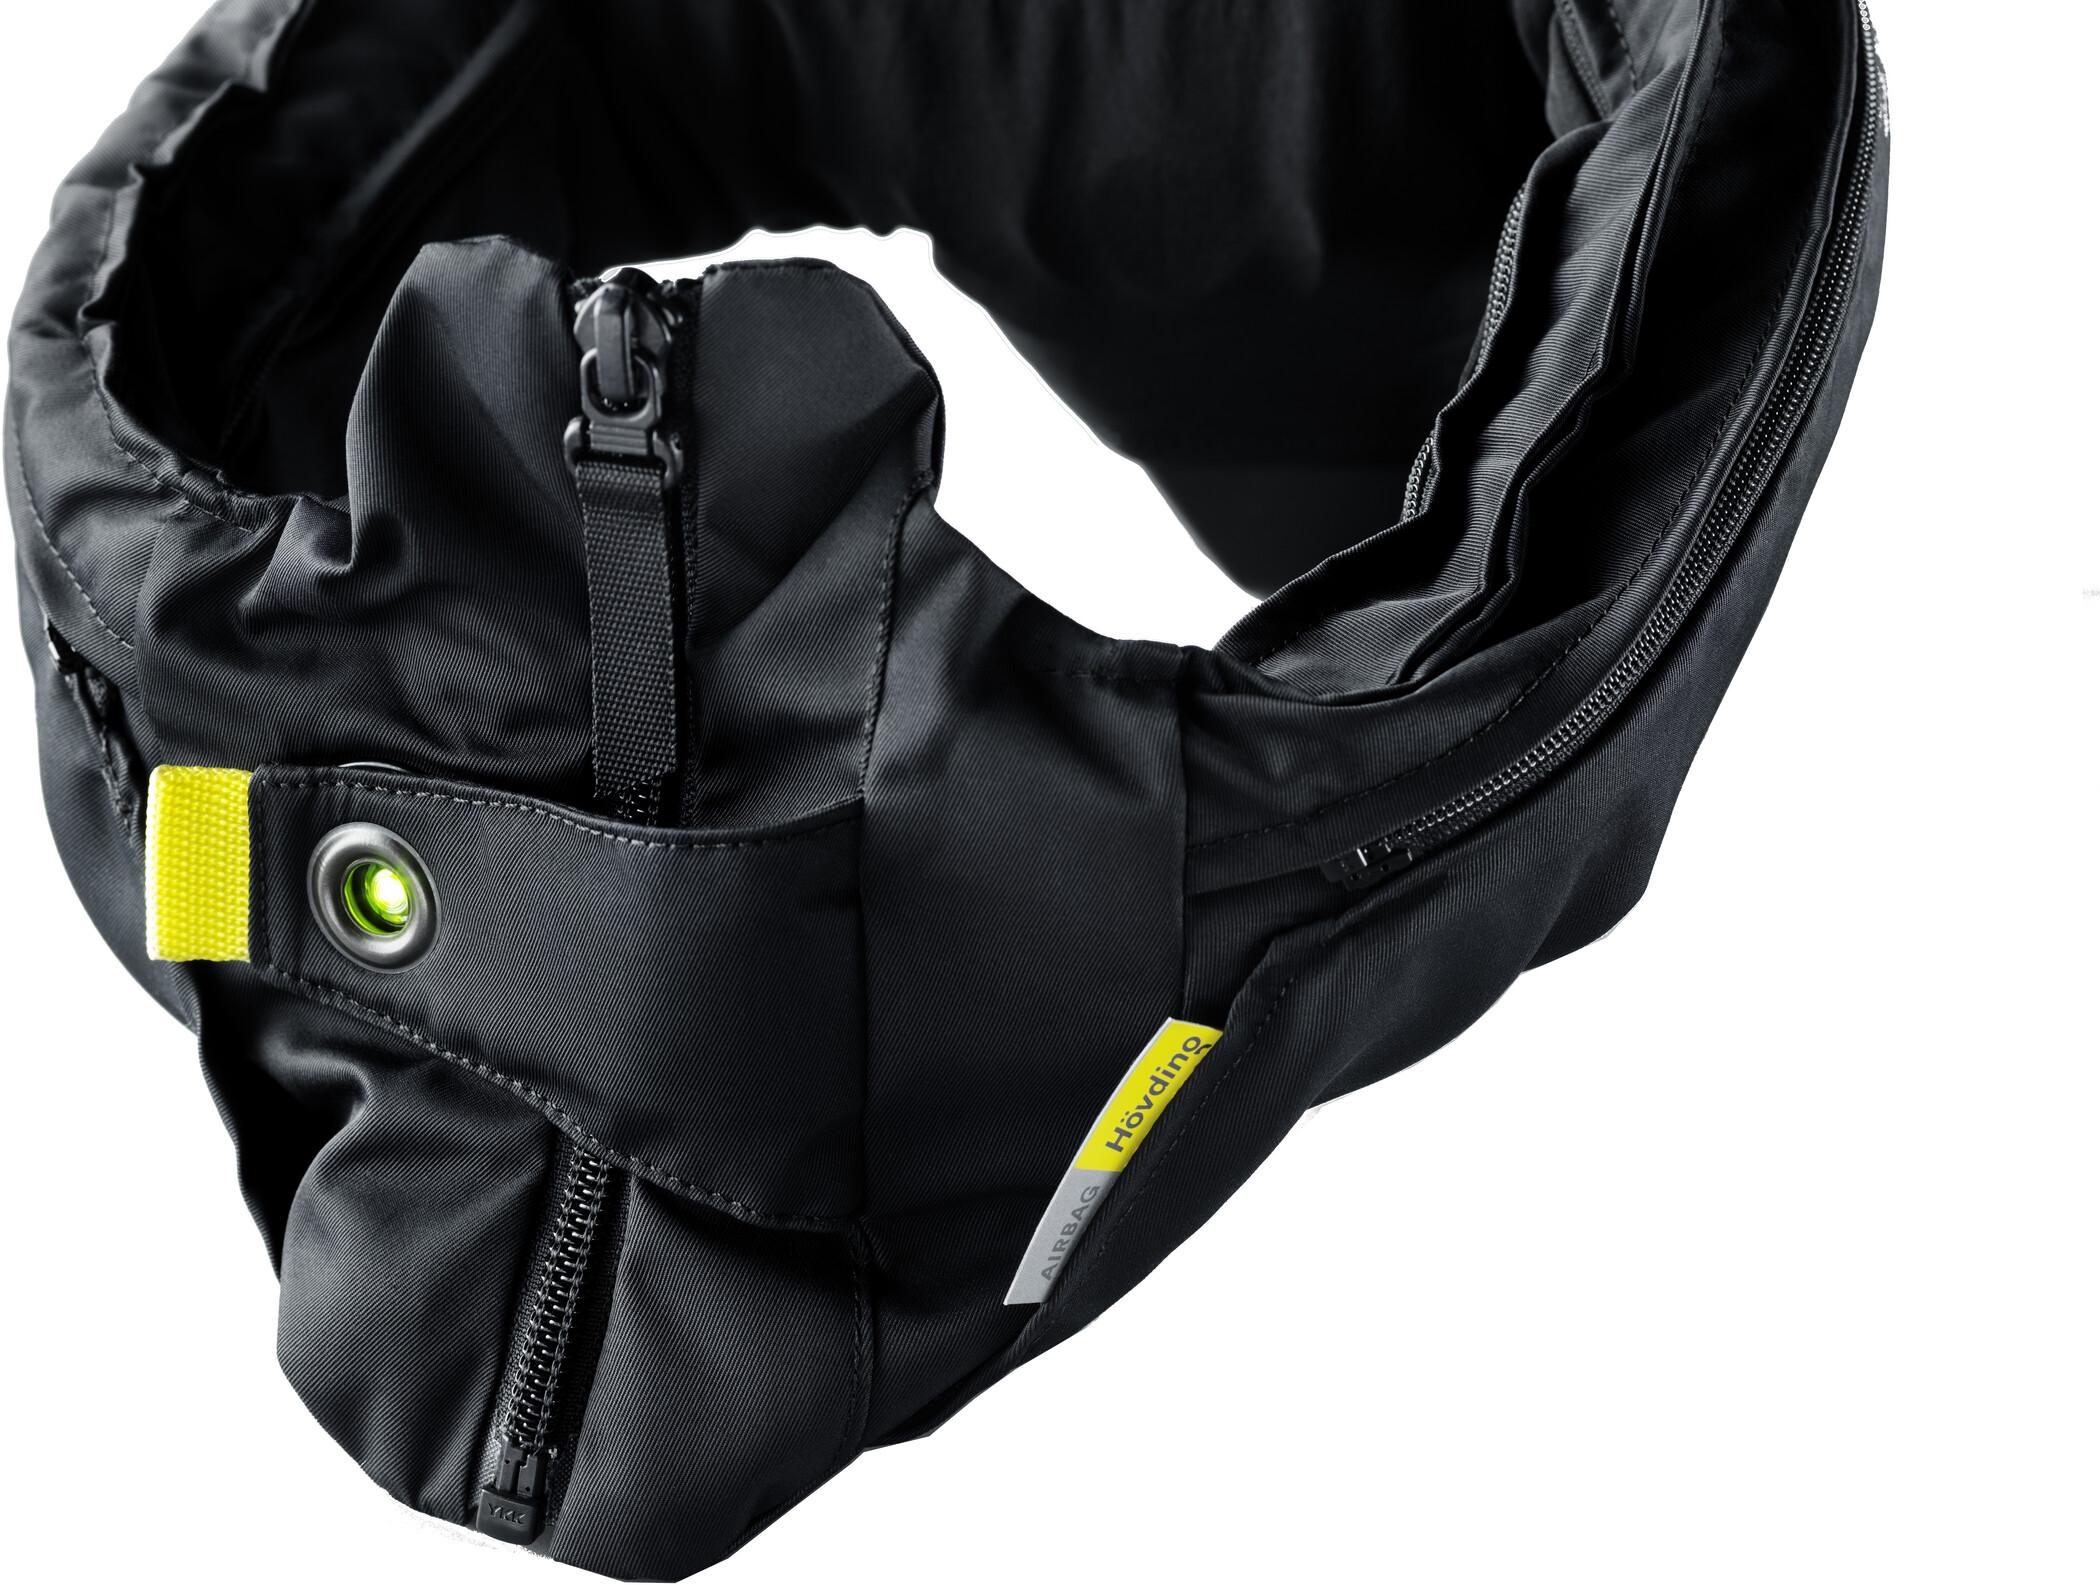 Hövding 3 Airbag-hjelm (2020) | Hjelme